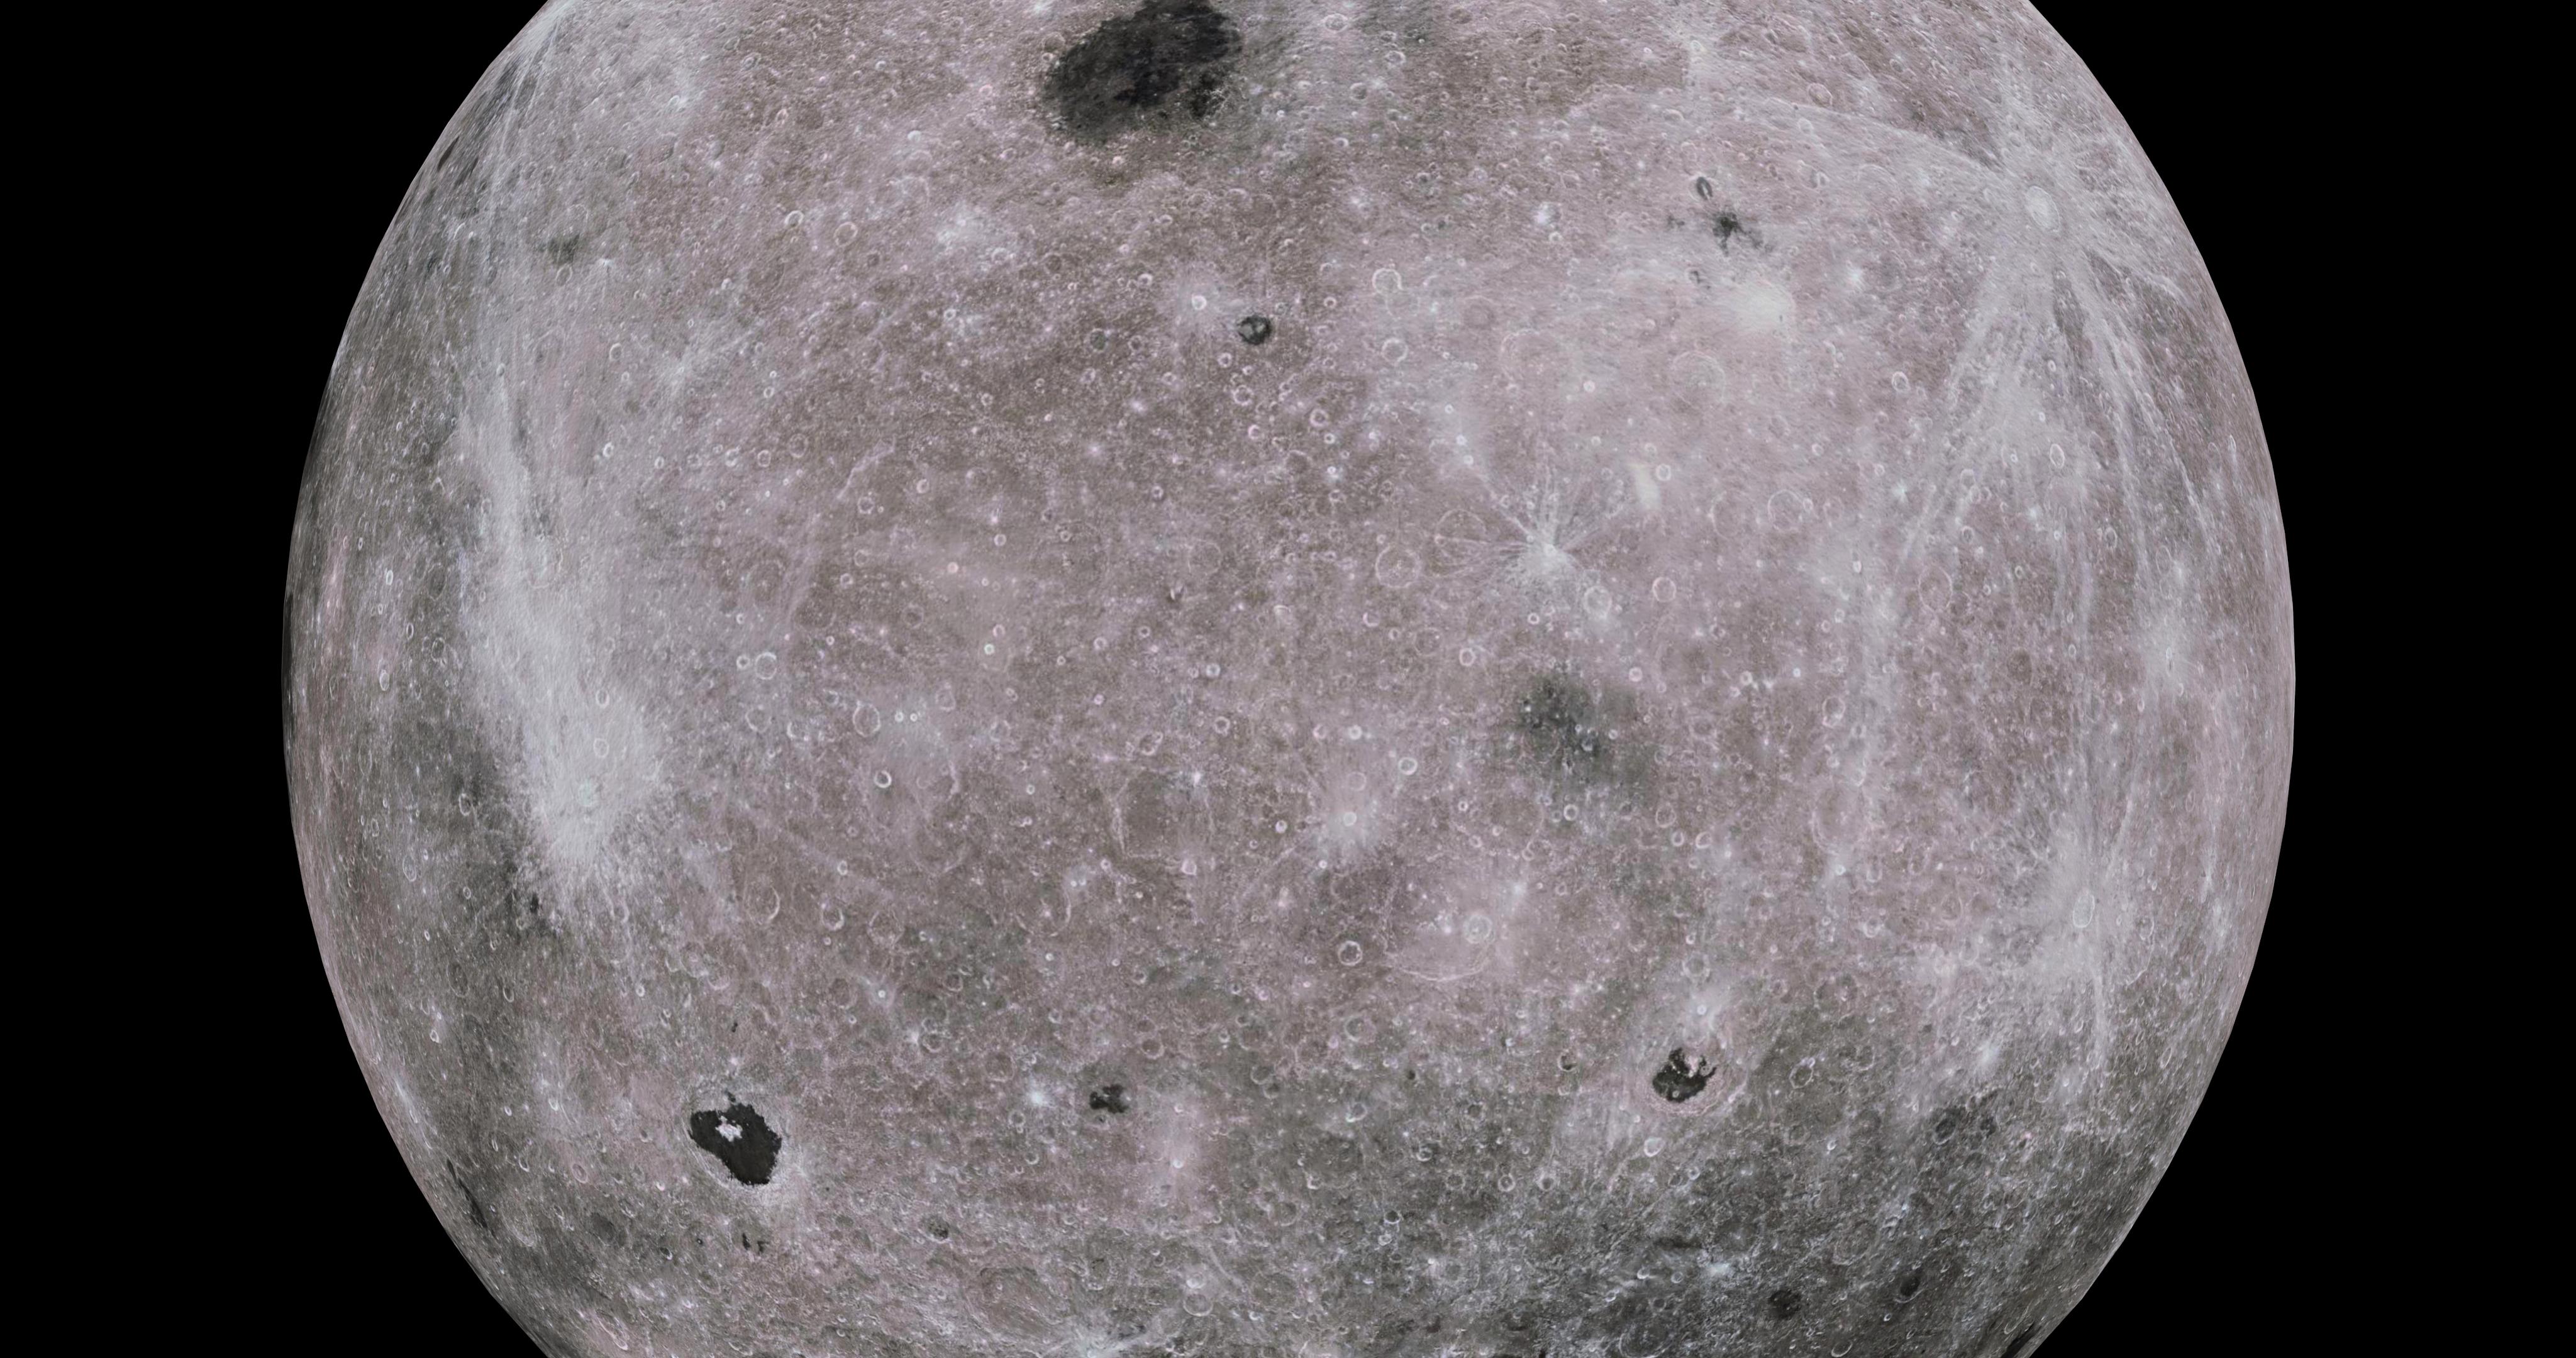 moon 8k 3d model 3ds fbx blend dae obj 210899